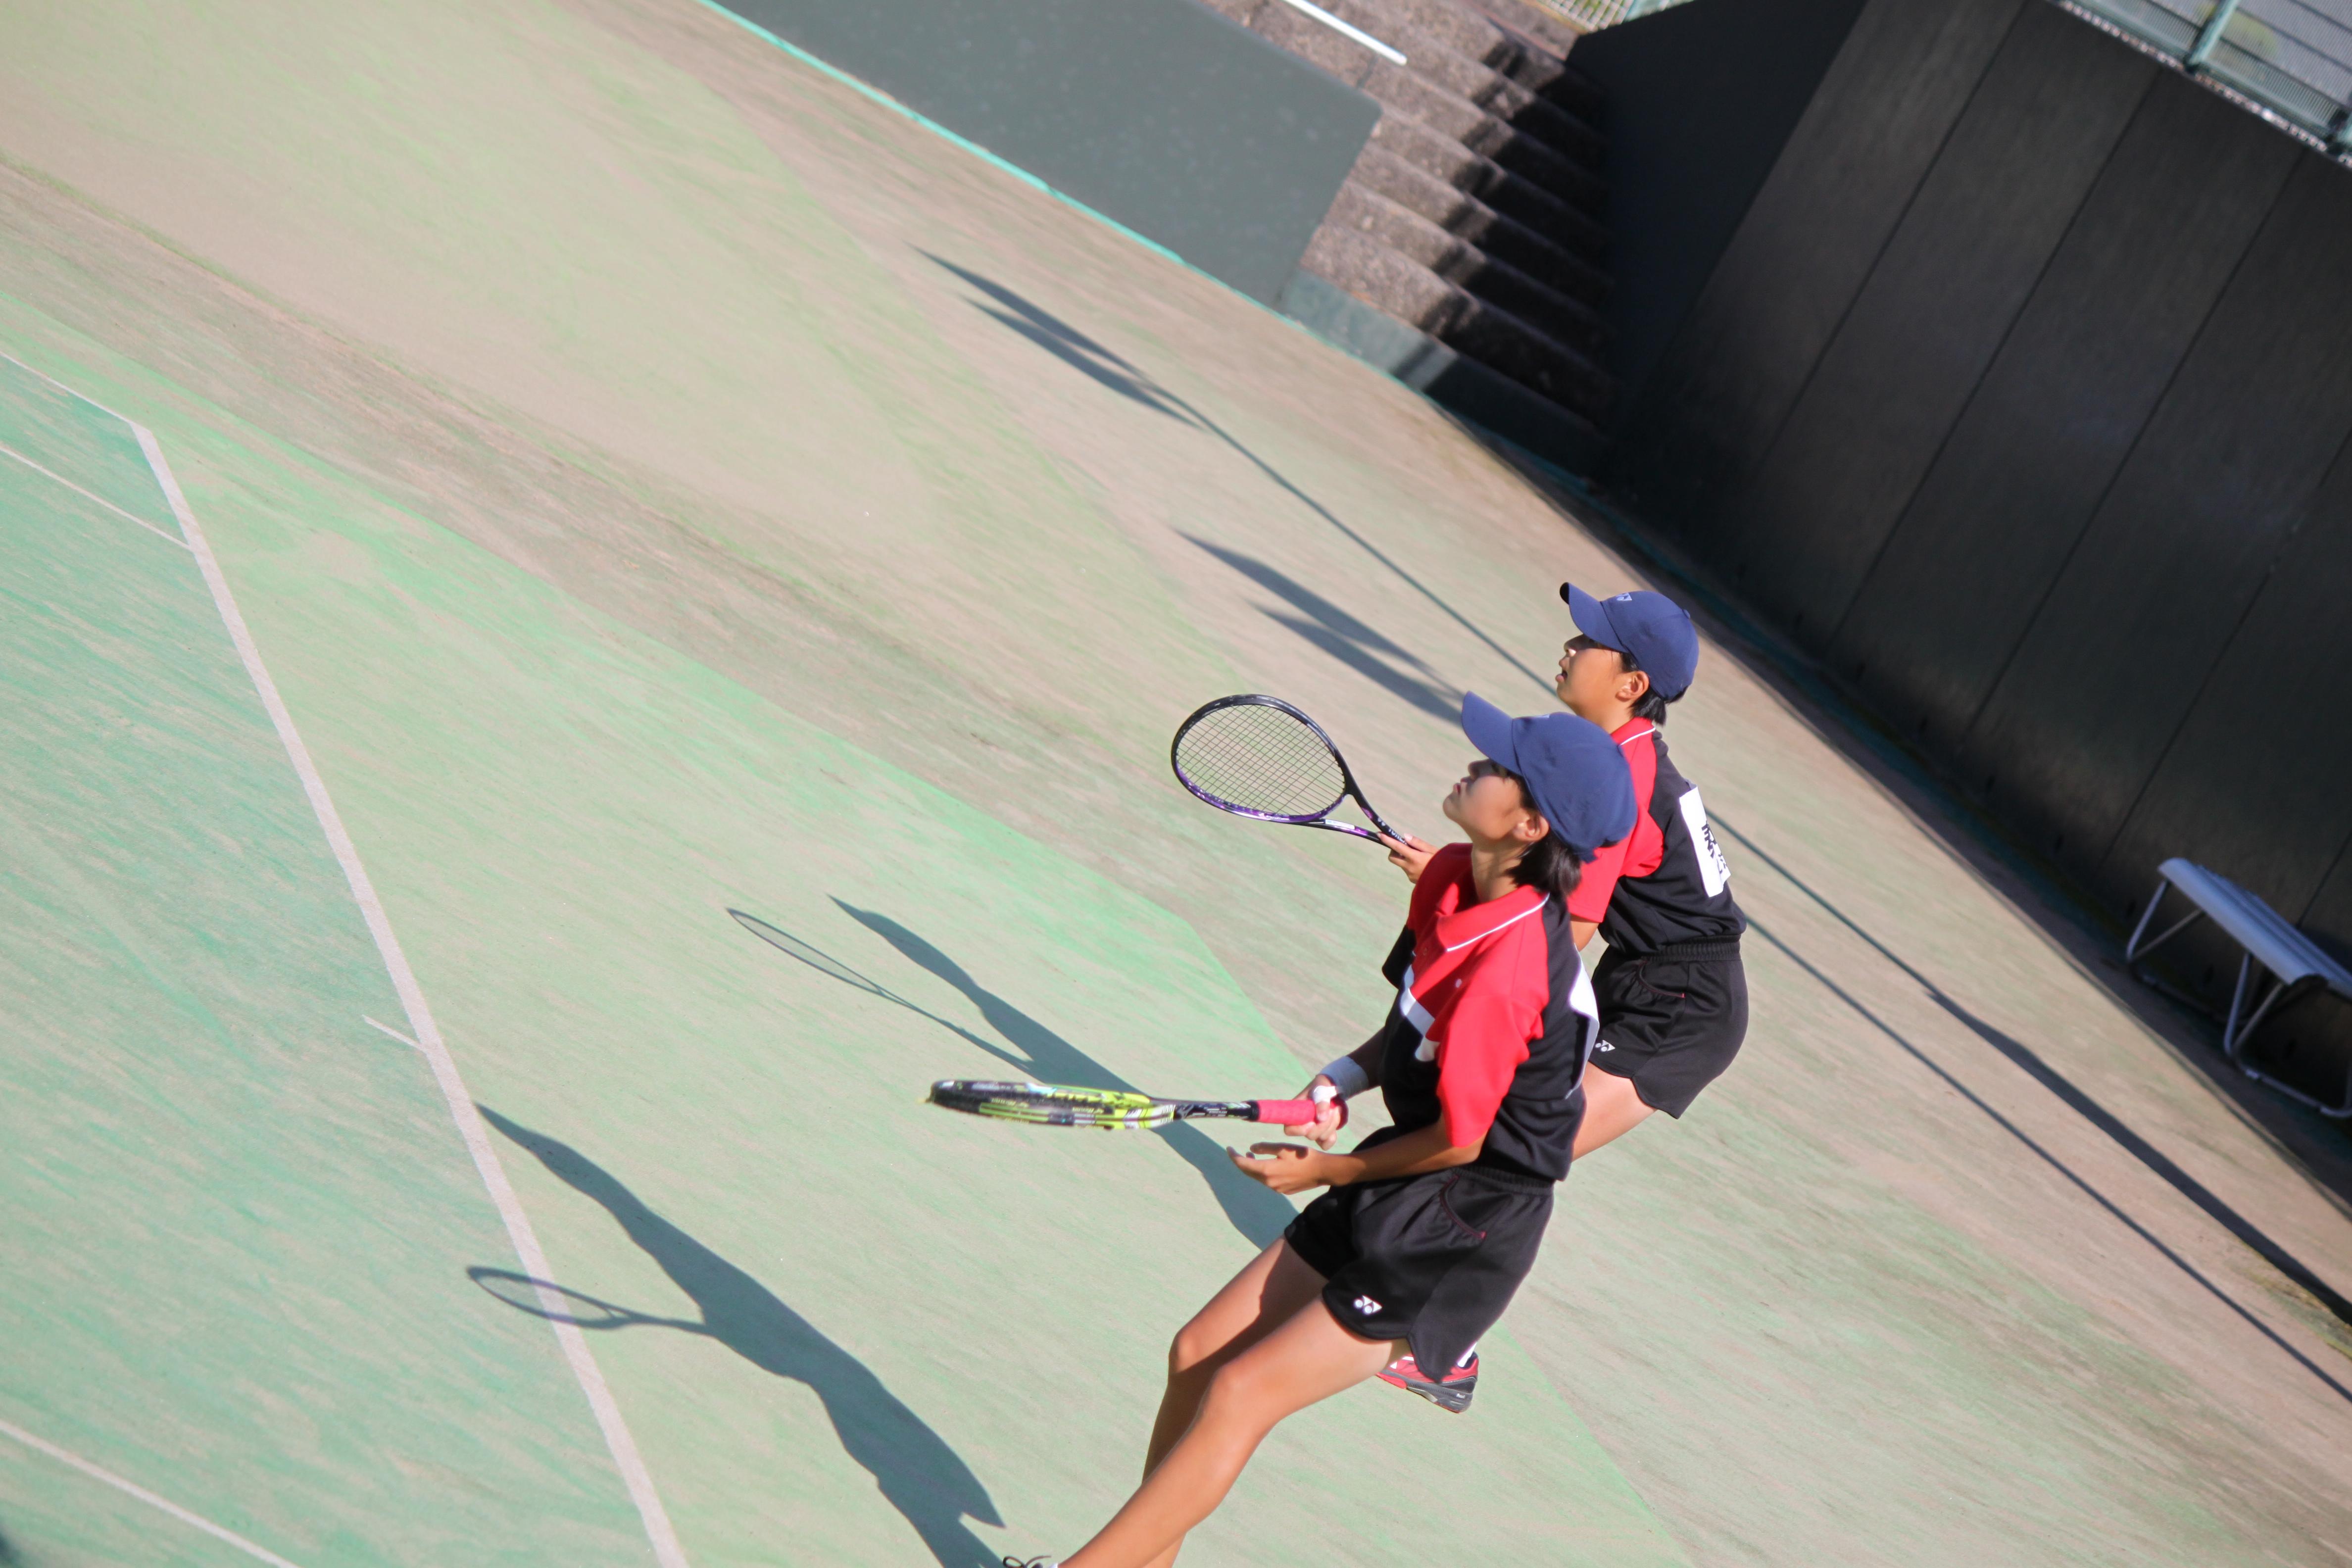 ソフトテニス (694)